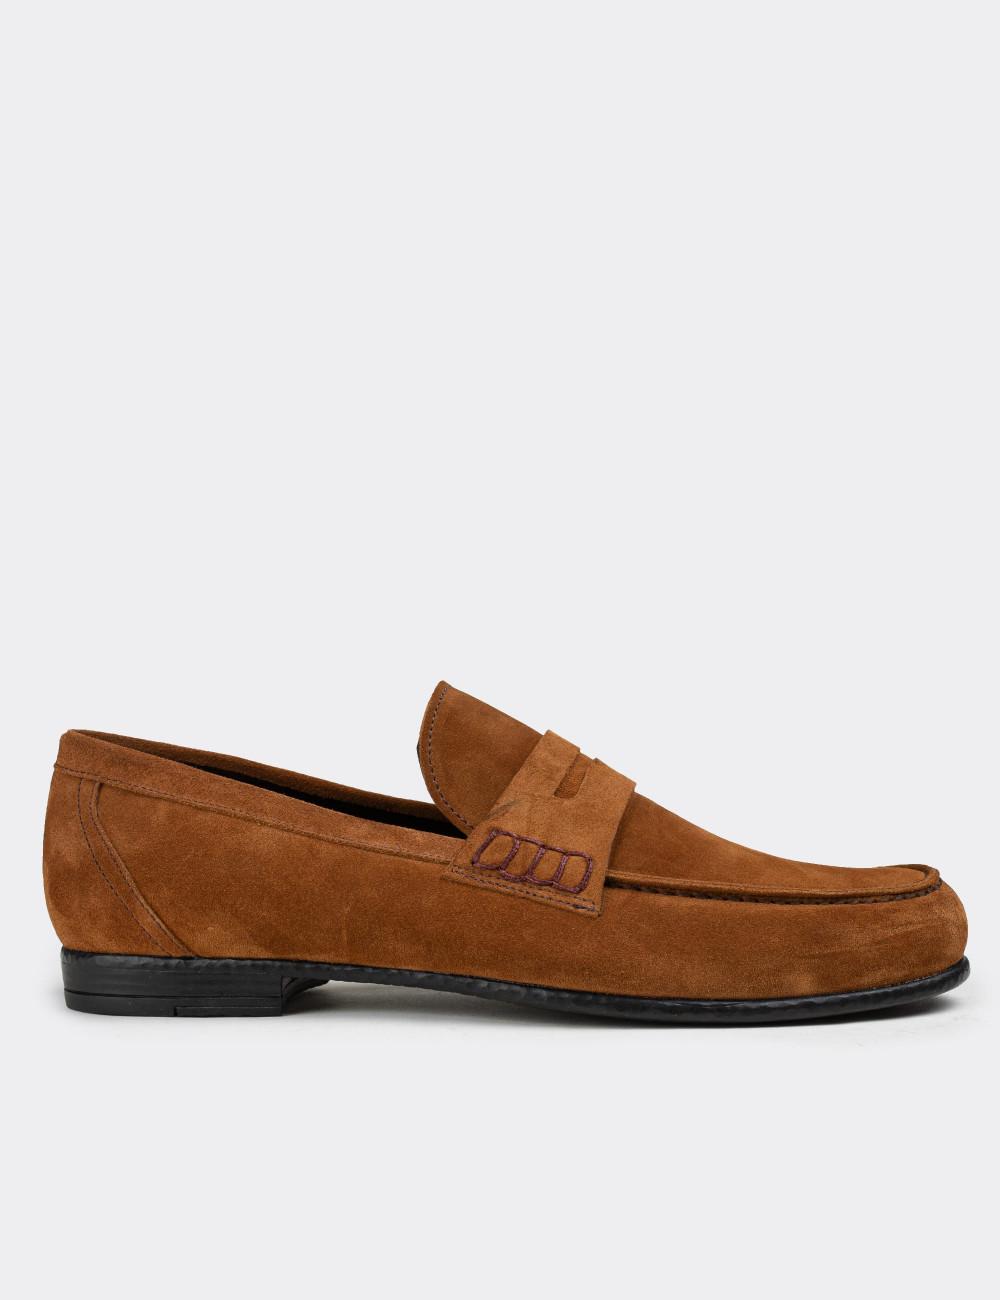 Hakiki Süet Tarçın Rengi Loafer Erkek Ayakkabı - 01538MTRNC01